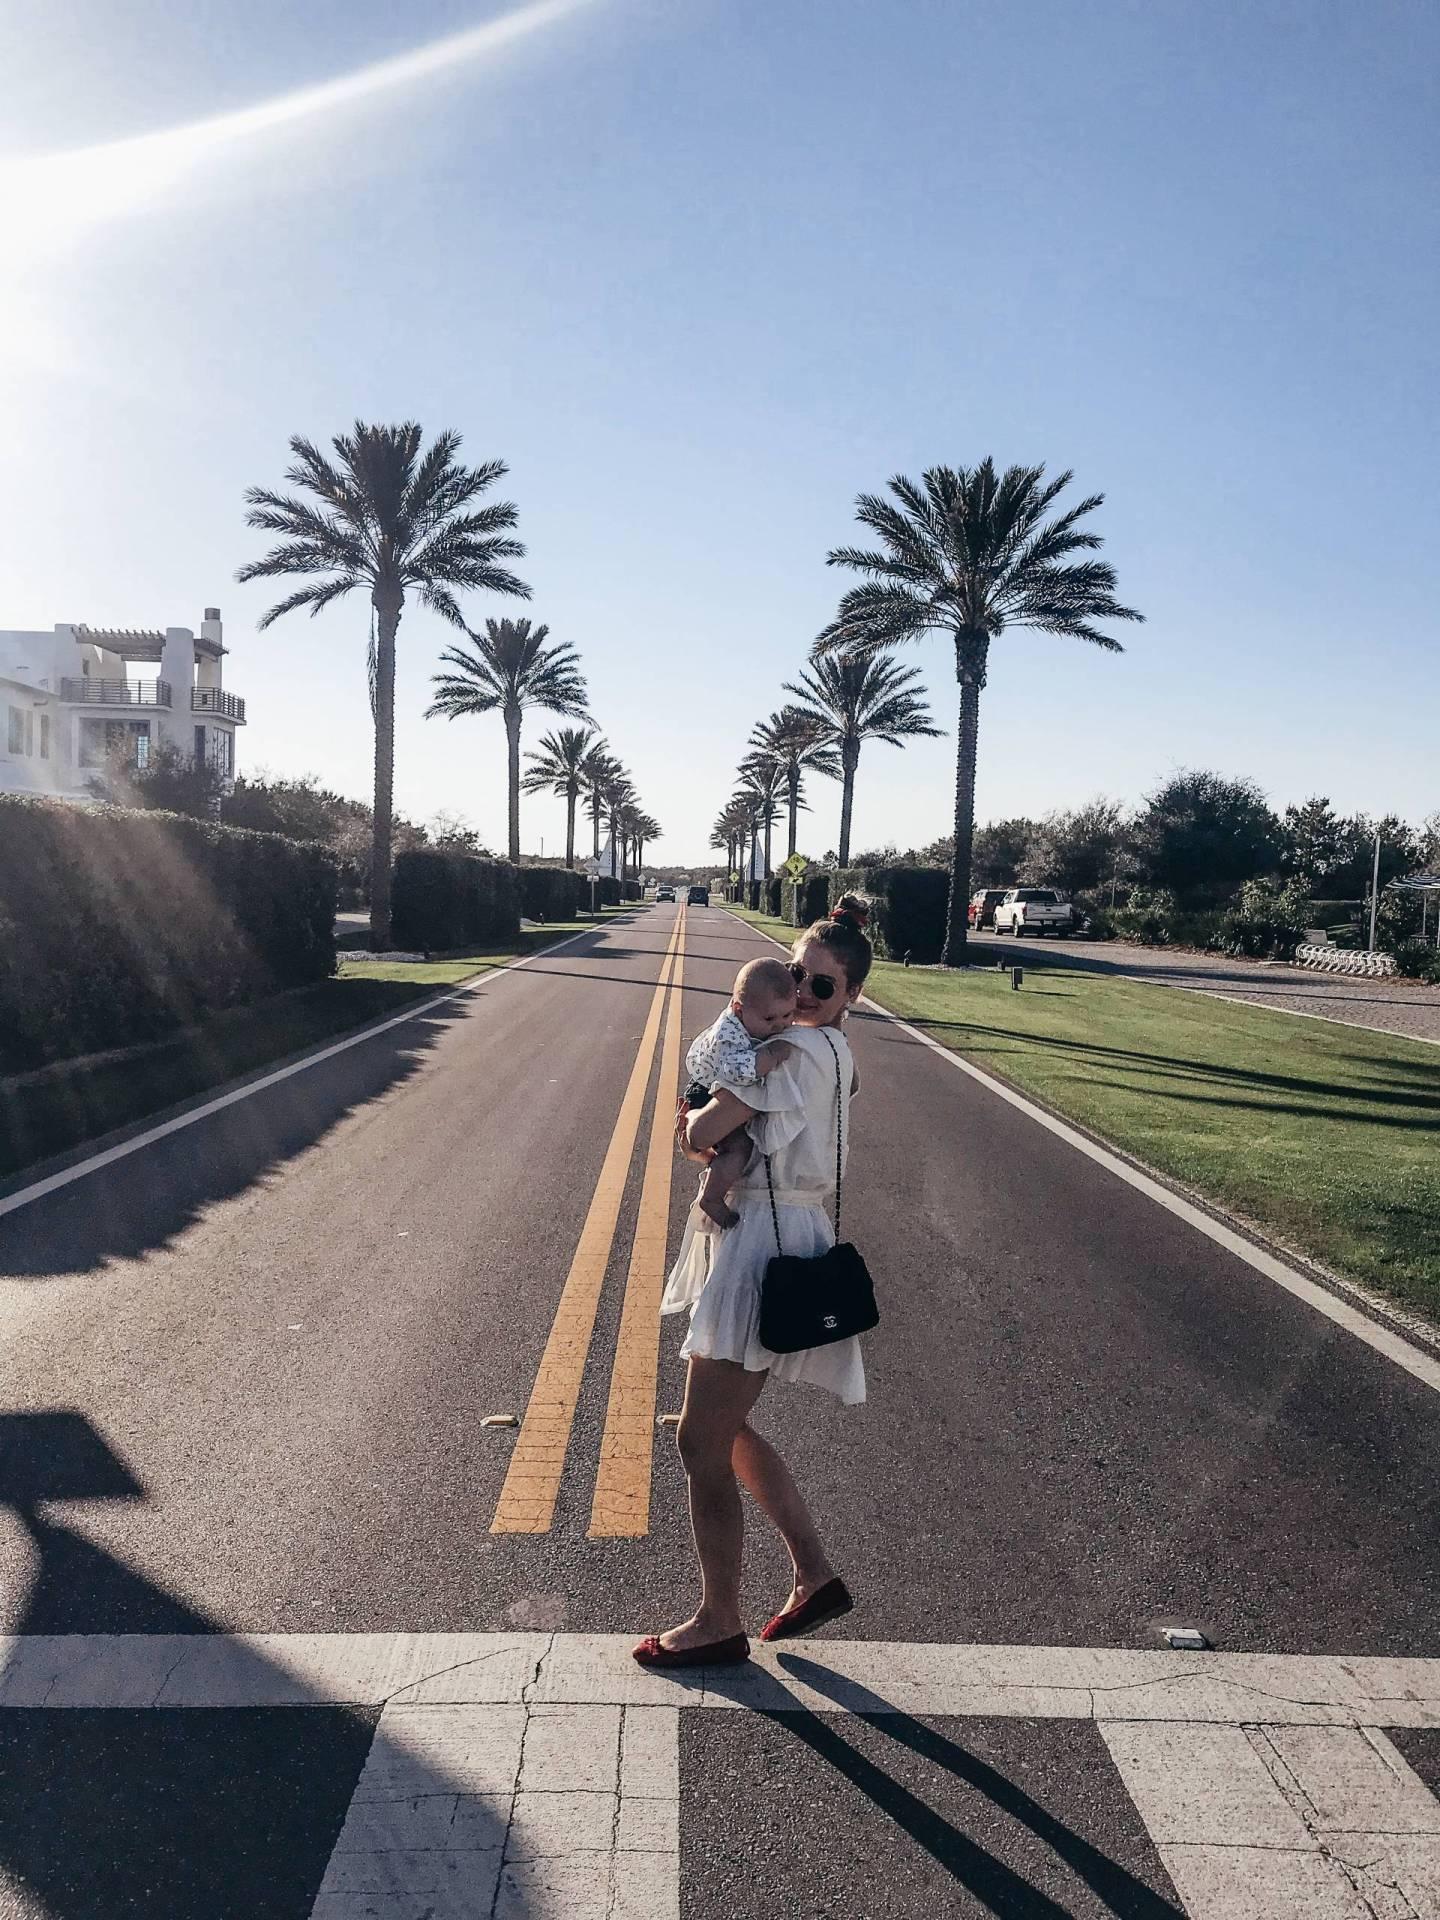 Spring Style White Dress Alys Beach 30A Florida